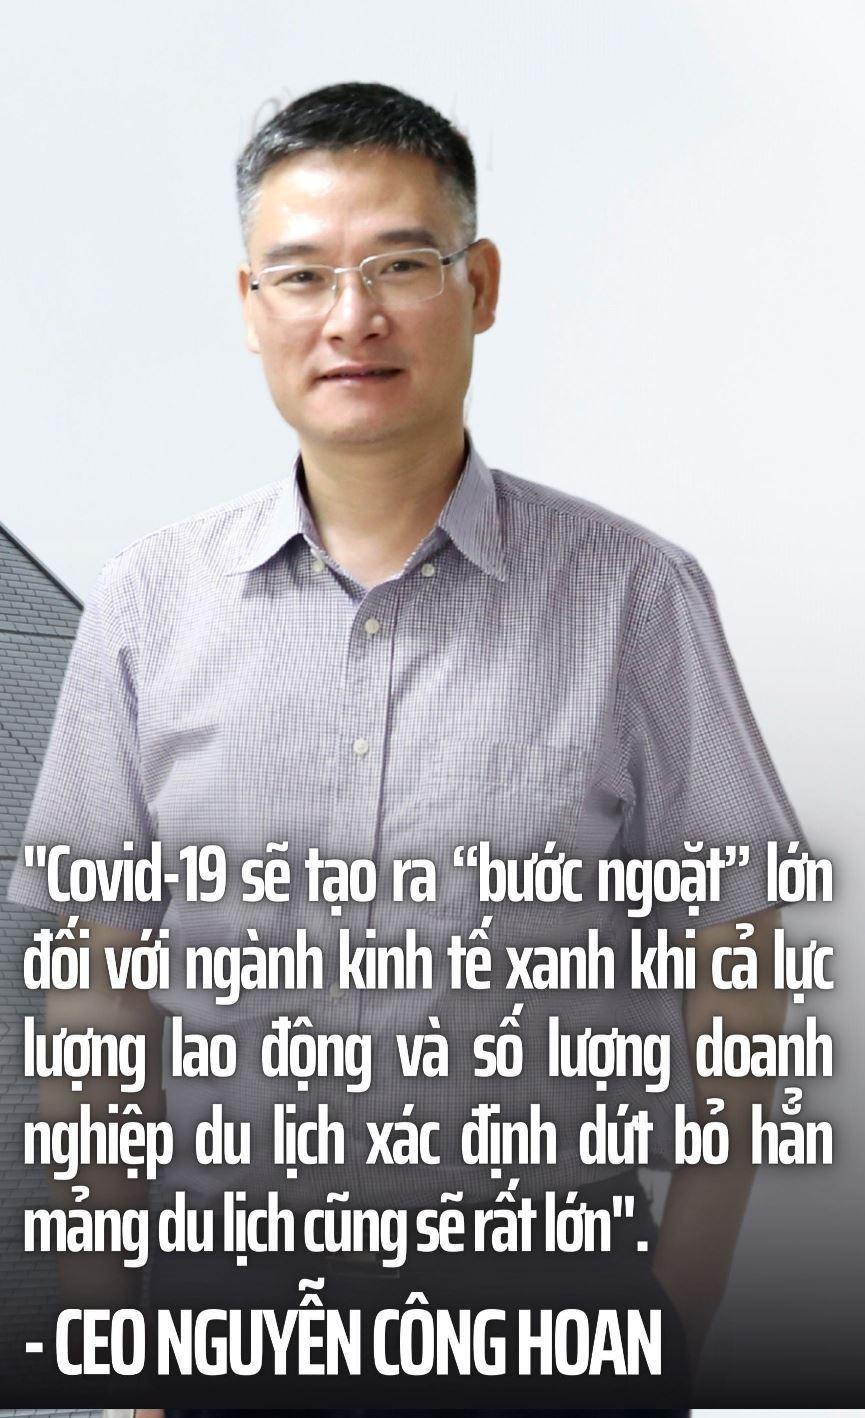 CEO Nguyễn Công Hoan: Covid-19 lần 4 tạo bước ngoặt lịch sử cho ngành du lịch ảnh 8